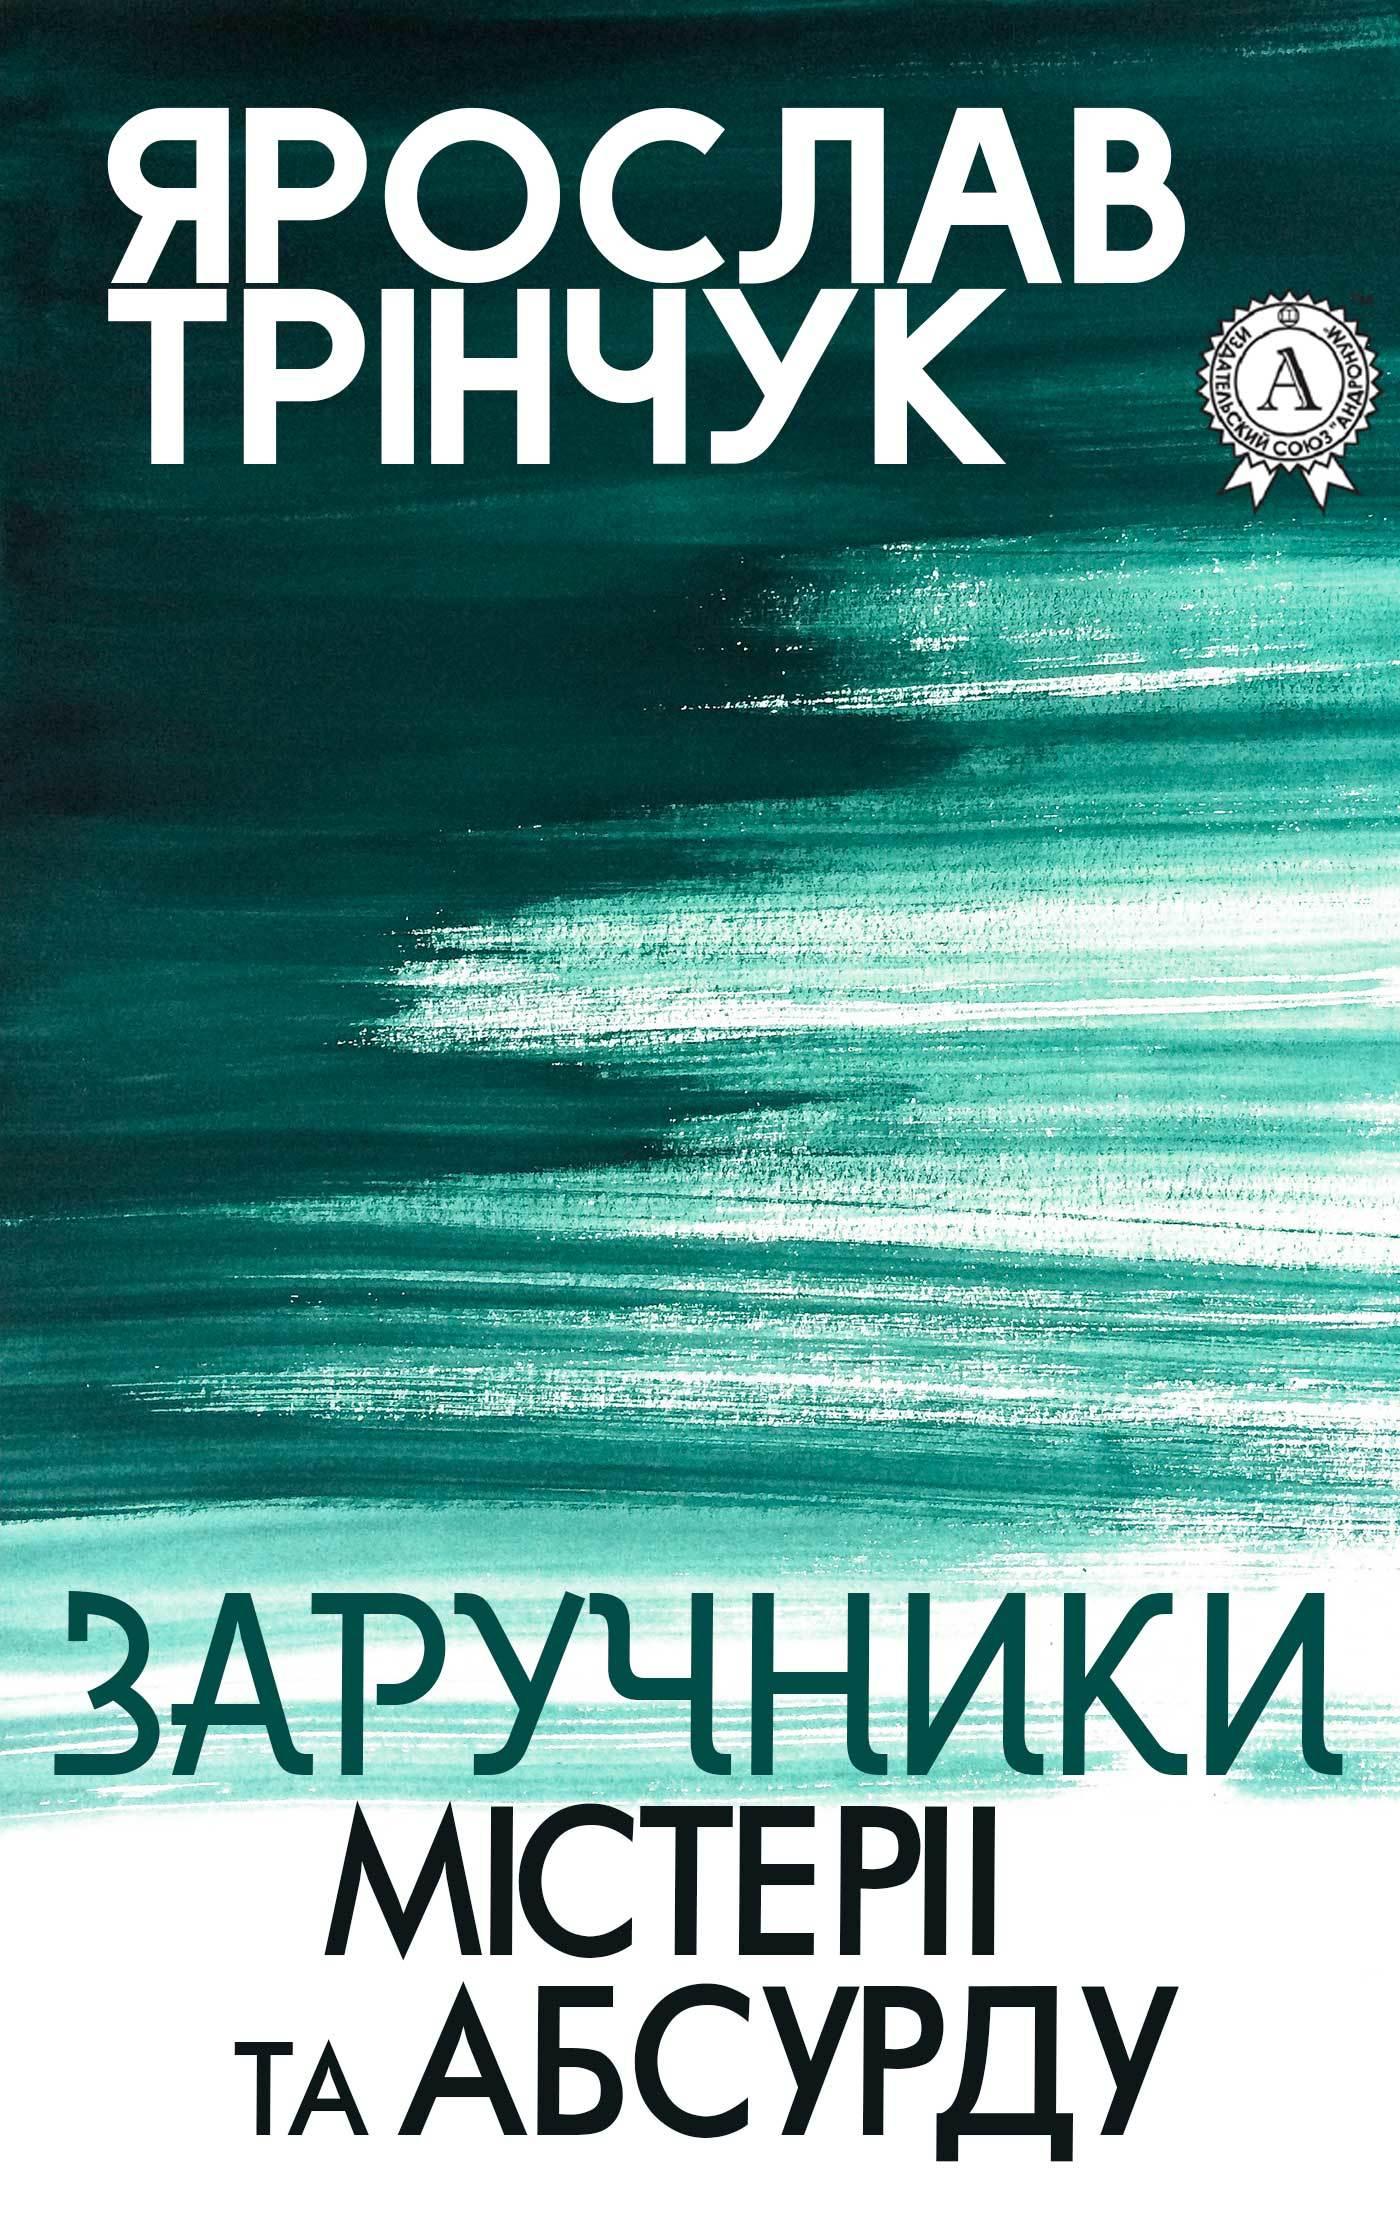 захватывающий сюжет в книге Ярослав Трнчук